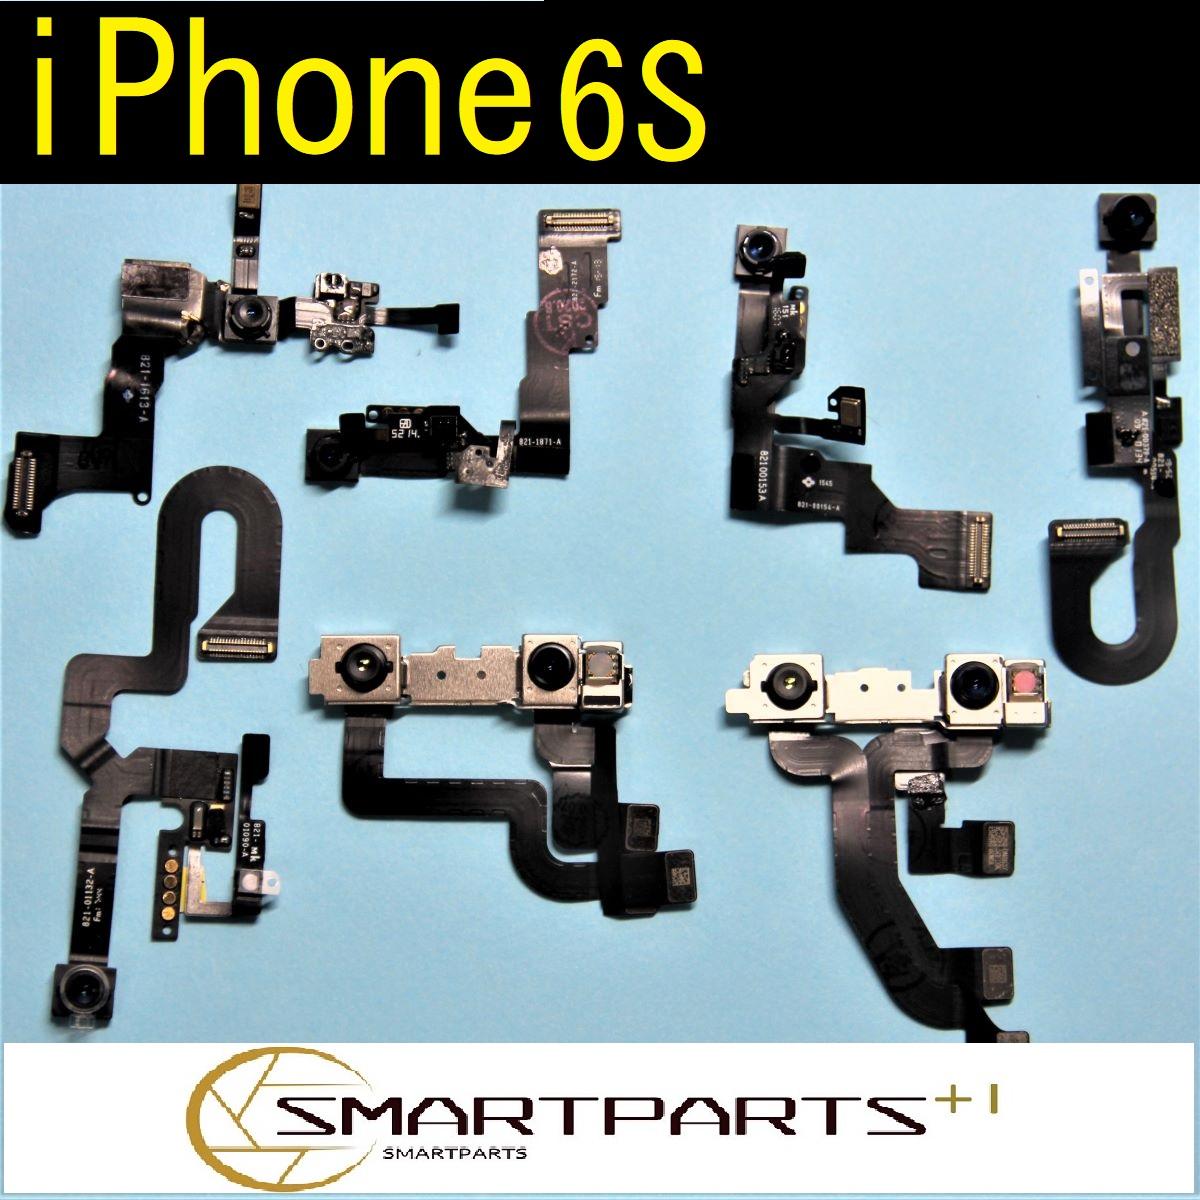 新生活 iPhone6Sインカメラケーブル 接近センサーケーブル 修理工具セット付き フロントカメラ 修理交換パーツ DIY修理 前面カメラ アイフォン リペア部品 <セール&特集>